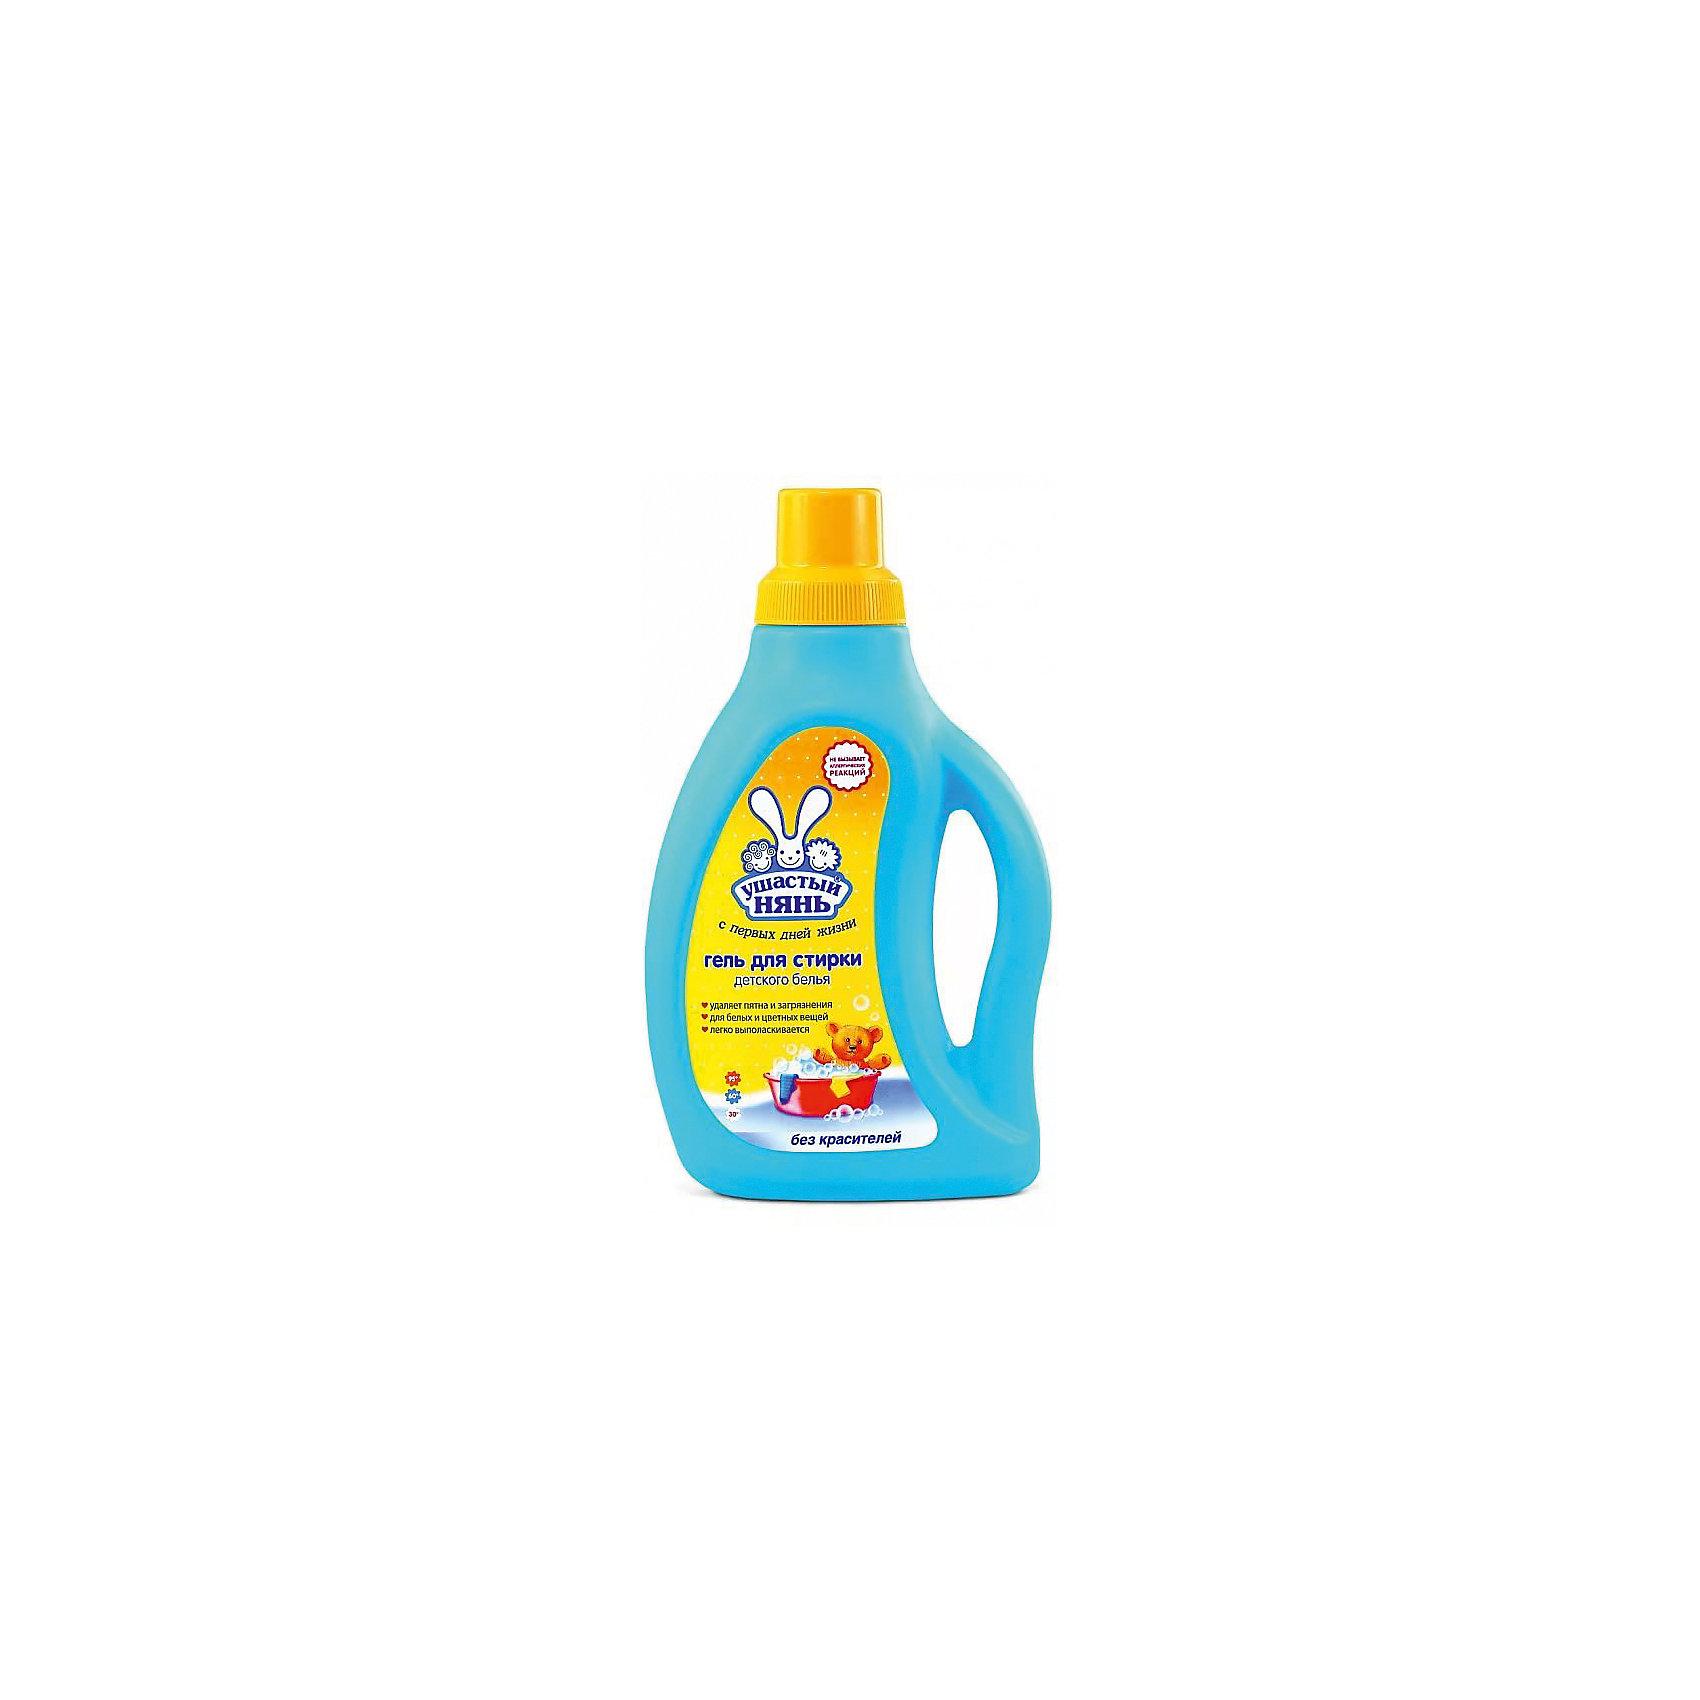 Жидкое синтетическое моющее средство для детского белья, Ушастый нянь, 750 мл.Бытовая химия<br>Жидкое синтетическое моющее средство для детского белья, Ушастый нянь, 750 мл. создано специально для стирки детского белья в автоматических стиральных машинах и стирки вручную. Эффективно справляется с основными загрязнениями и результатами жизнедеятельности малышей, биологически сложными пятнами (соки, фрукты, ягоды, трава, шоколад, кровь). Может быть использовано для стирки цветных вещей.<br><br>Особенности:<br>- Подходит для стирки детского белья, в том числе новорожденных<br>- Не вызывает аллергических реакций – доказано ФГУ РНИИТО им. Р.Р. Вредена Росмедтехнологий<br>- Содержит цветосберегающий комплекс<br>- Удобная форма и консистенция для использования – не пылит, удобно дозируется<br>- Имеет приятный запах<br><br>Дополнительная информация:<br><br>- Объем: 750 мл<br>- Упаковка: полимерный флакон с ручкой и колпачком-дозатором<br><br>Ушастый нянь поможет родителям быстро и качественно отстирать детские вещи и придаст детскому белью приятный нежный аромат после стирки.<br><br>Жидкое синтетическое моющее средство для детского белья, Ушастый нянь, 750 мл. можно купить в нашем магазине.<br><br>Ширина мм: 378<br>Глубина мм: 223<br>Высота мм: 228<br>Вес г: 840<br>Возраст от месяцев: 0<br>Возраст до месяцев: 36<br>Пол: Унисекс<br>Возраст: Детский<br>SKU: 3713836